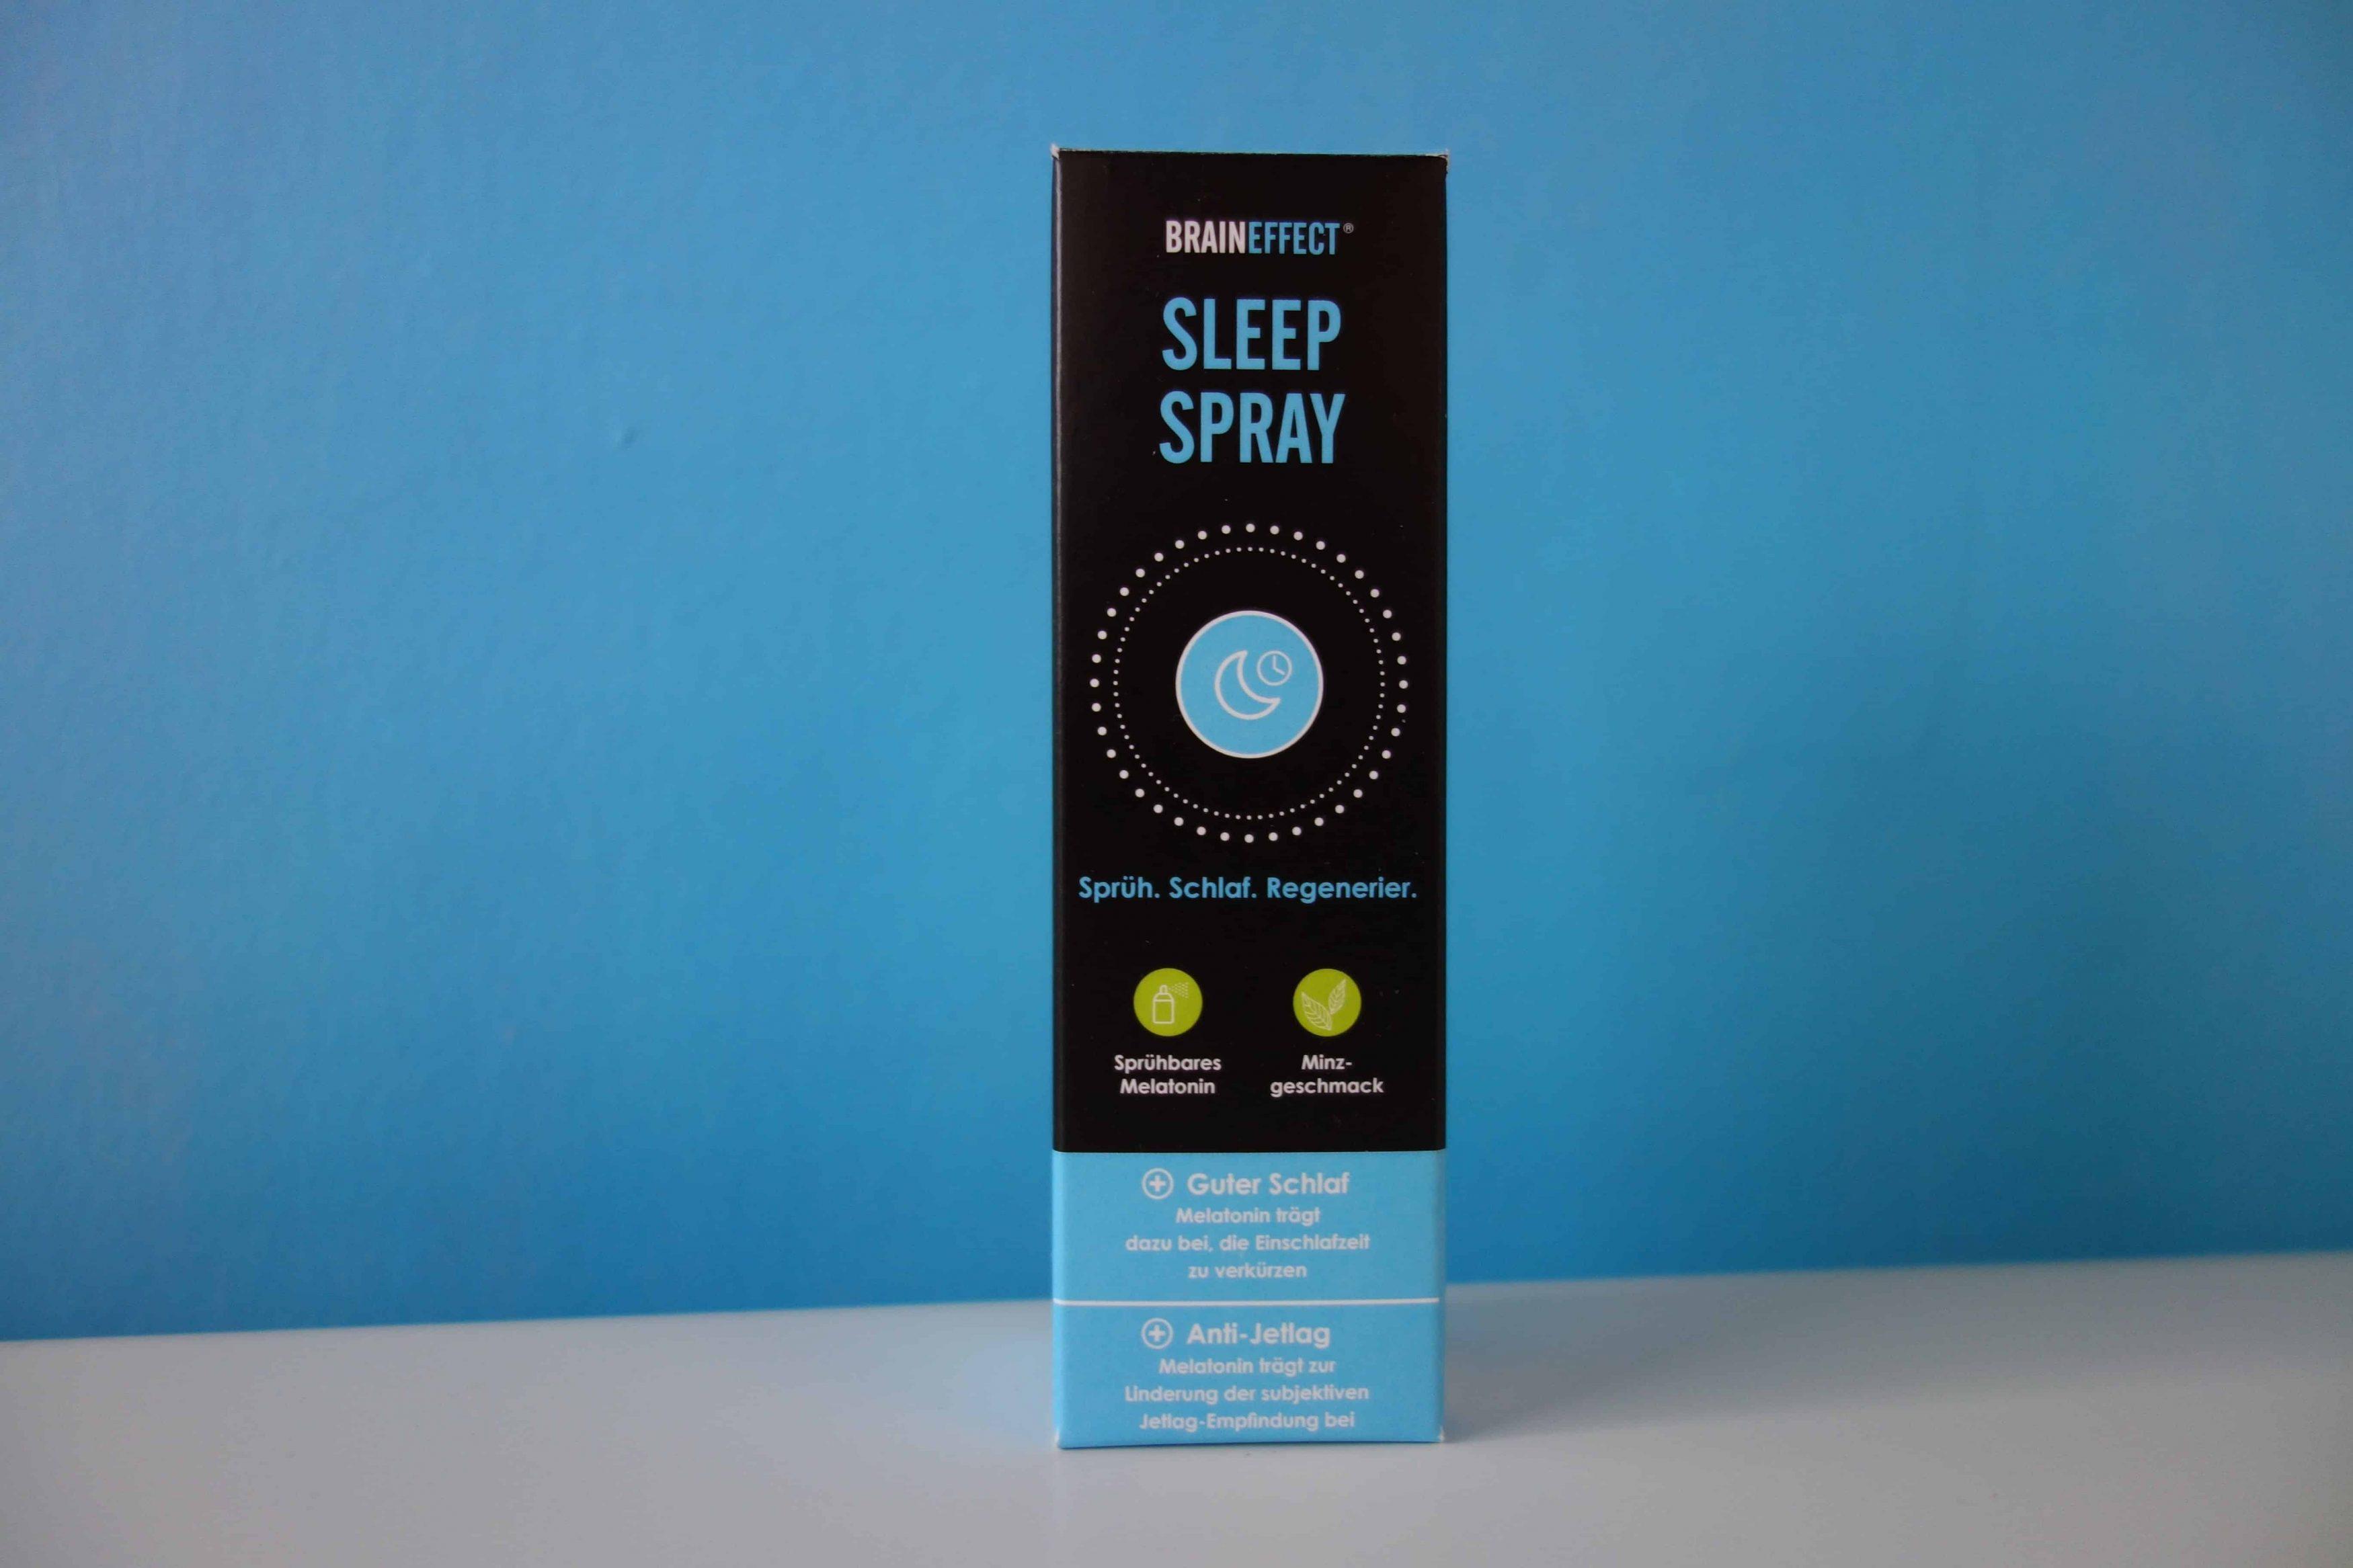 braineffect sllep spray verpackung